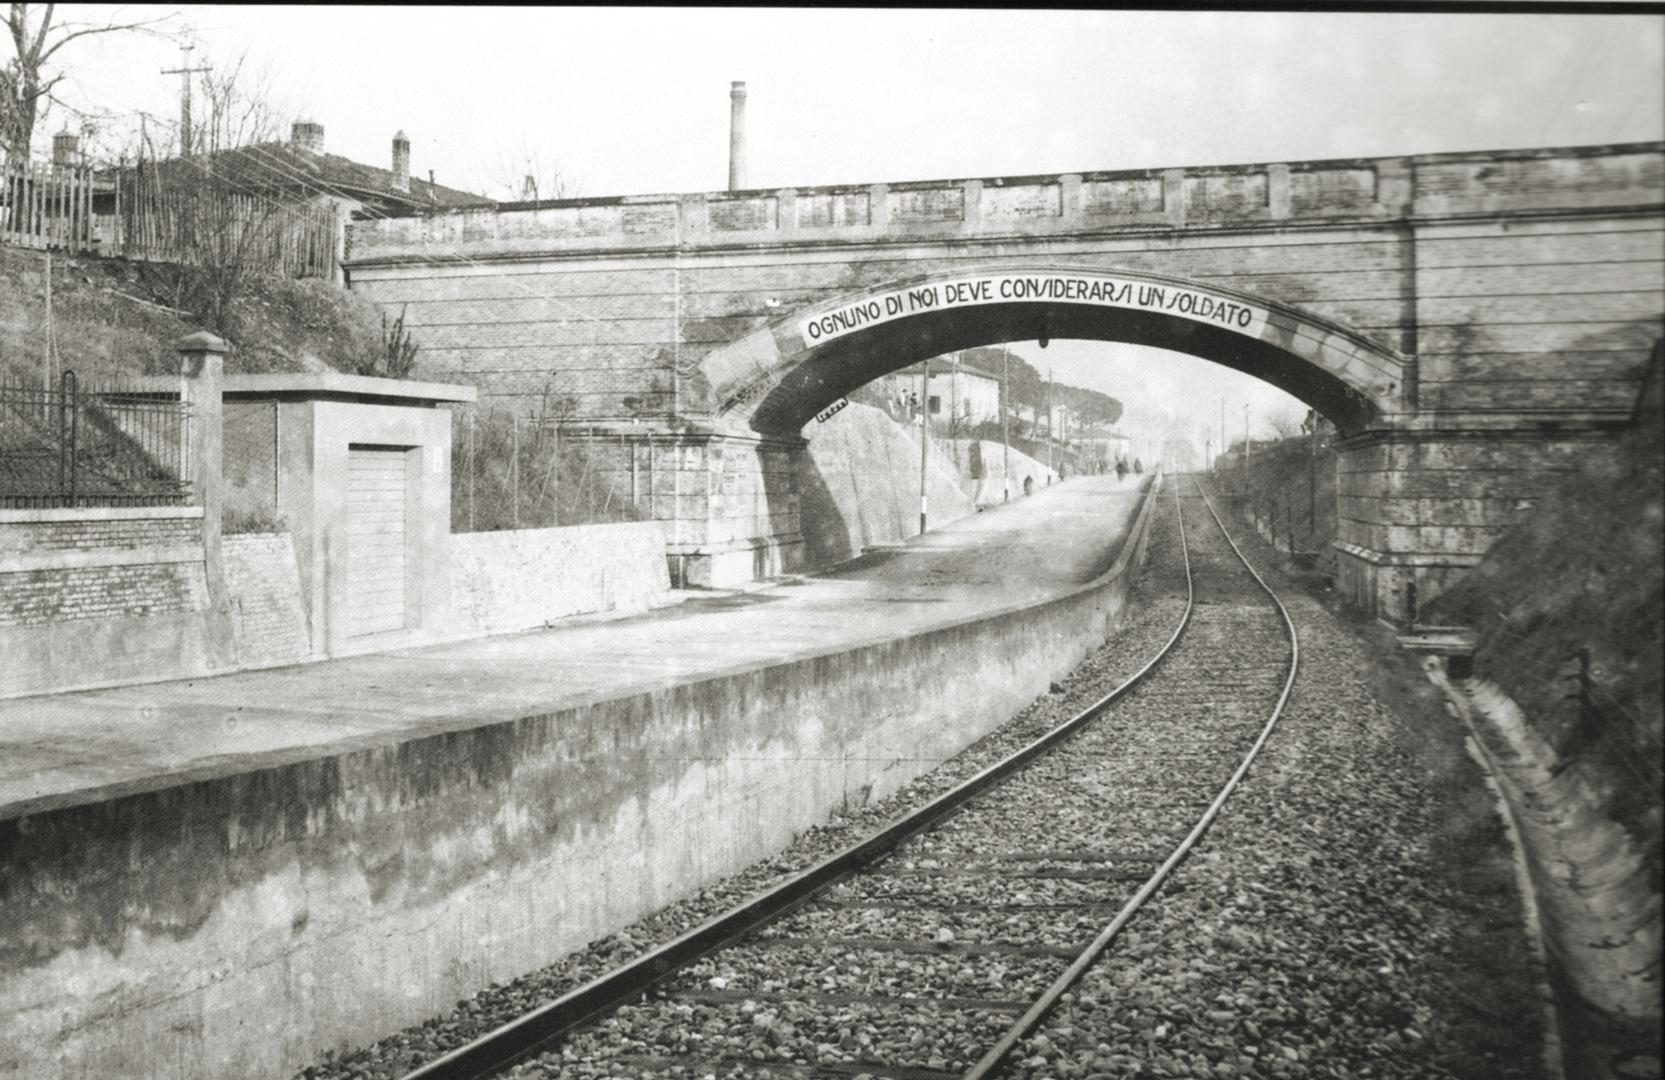 5. Imola, 1920-1930, via Selice ponte sulla ferrovia (Archivio Carlo Parenti)